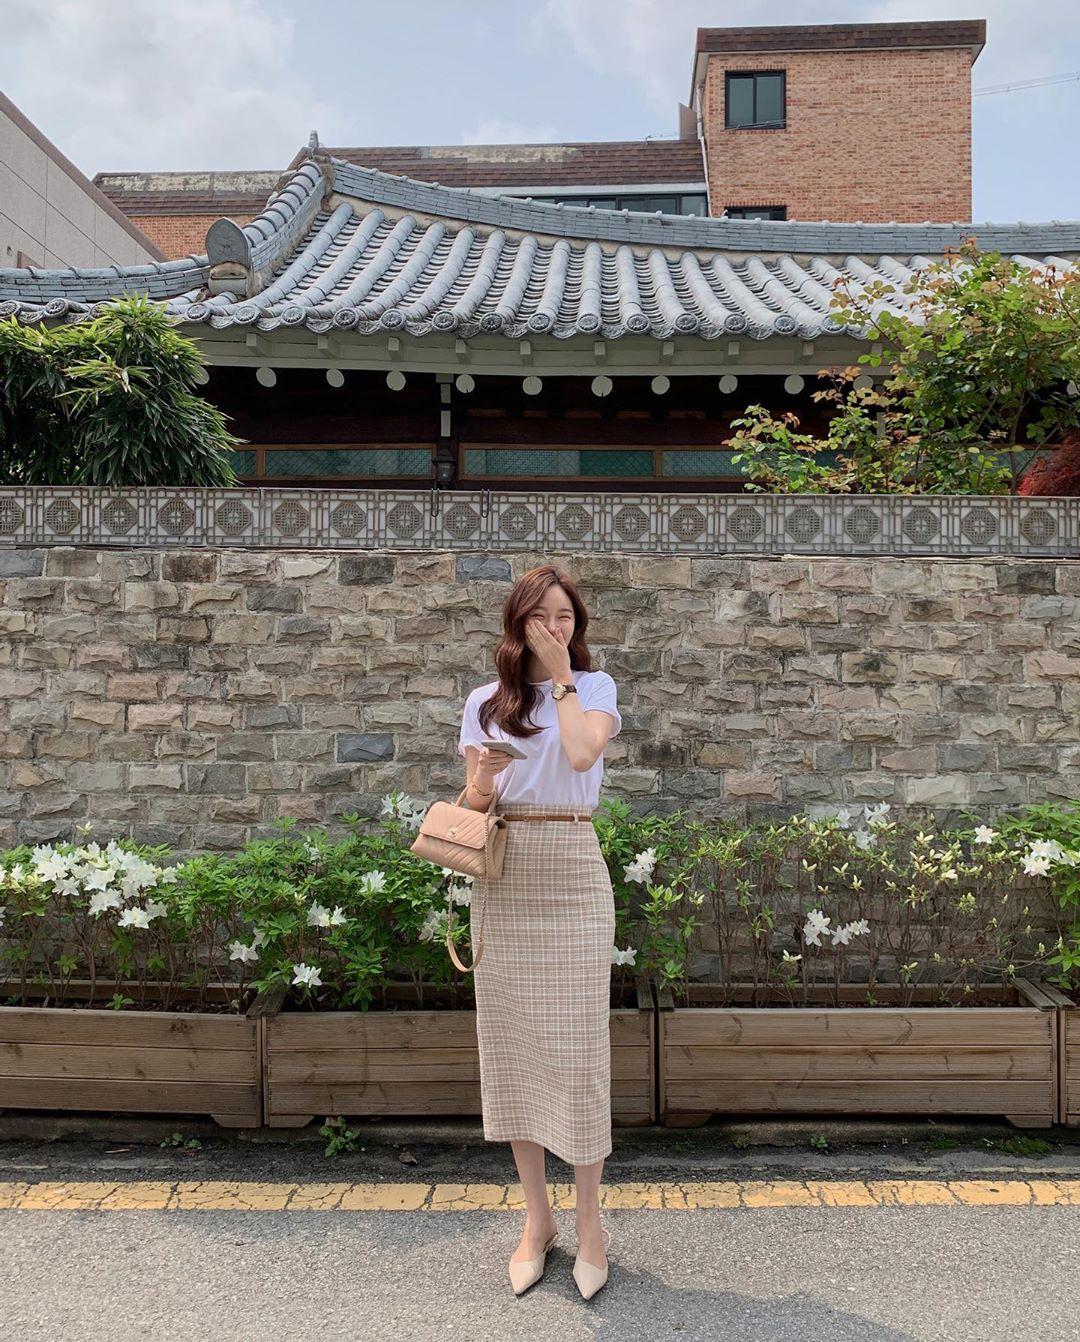 10 cách diện chân váy dài + áo trắng giúp nàng công sở luôn đẹp quanh năm suốt tháng trong mắt đồng nghiệp - Ảnh 1.